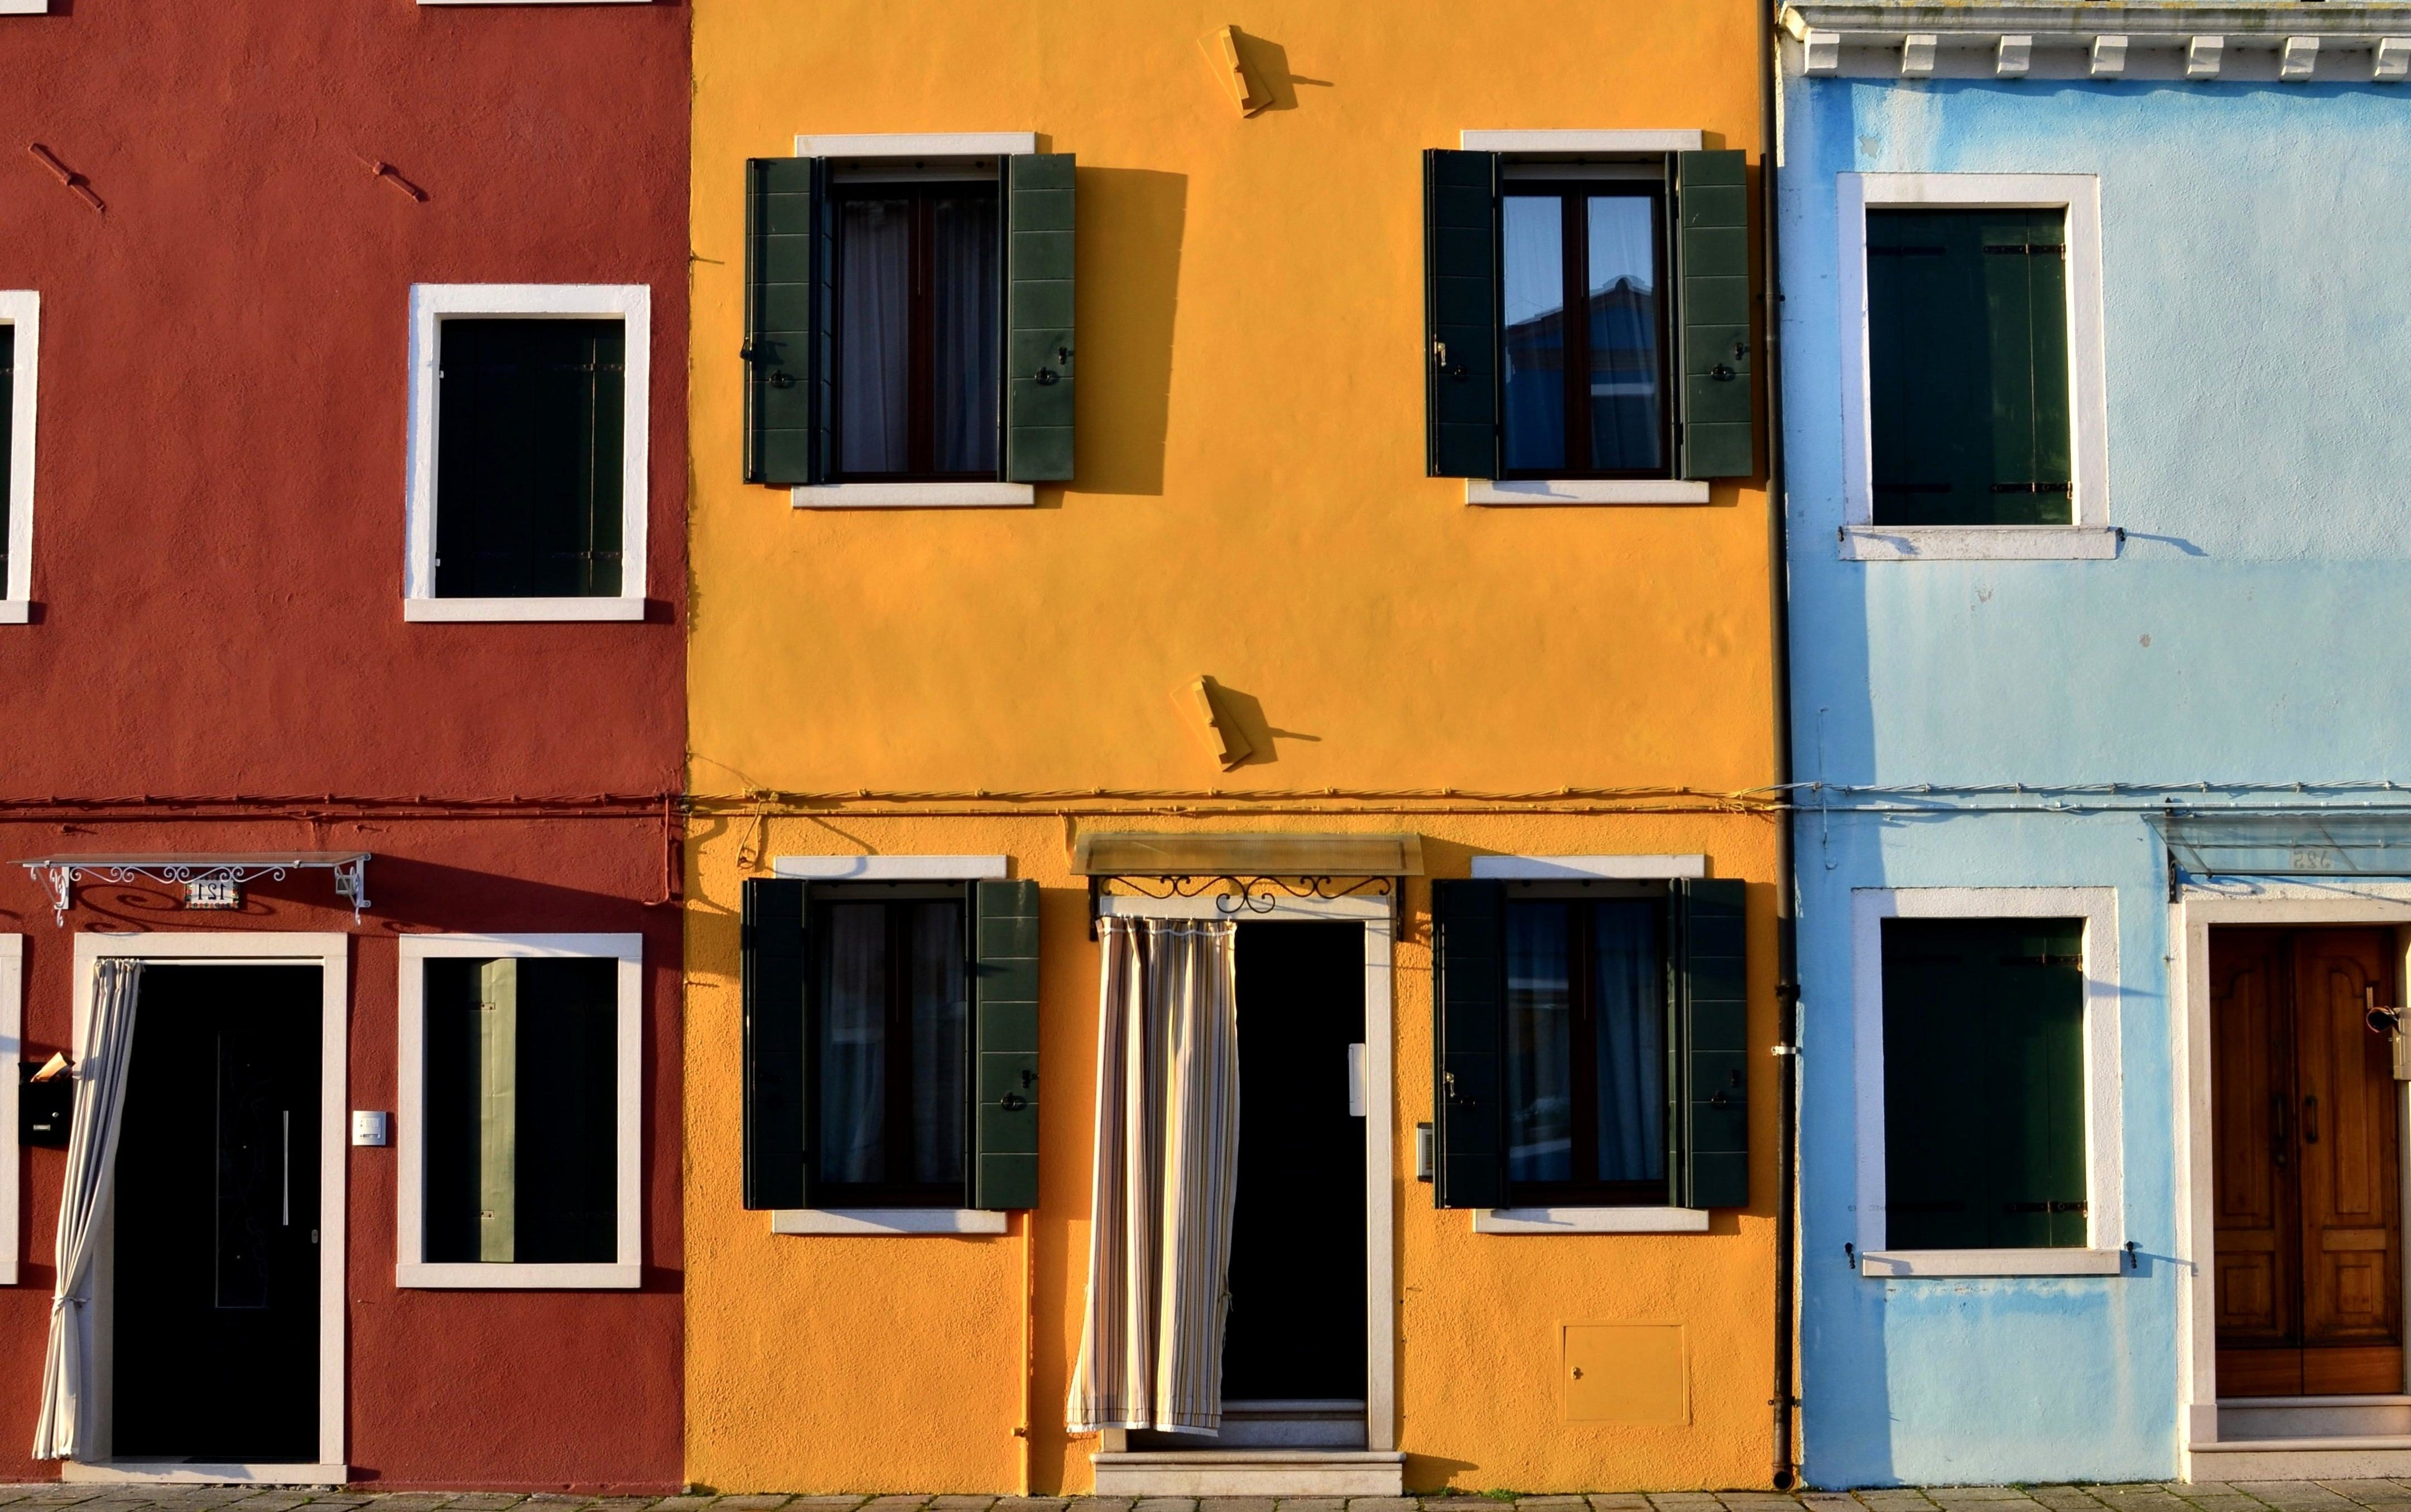 peindre facade maison autres vues autres vues autres vues faade sud de la maison ravalement. Black Bedroom Furniture Sets. Home Design Ideas